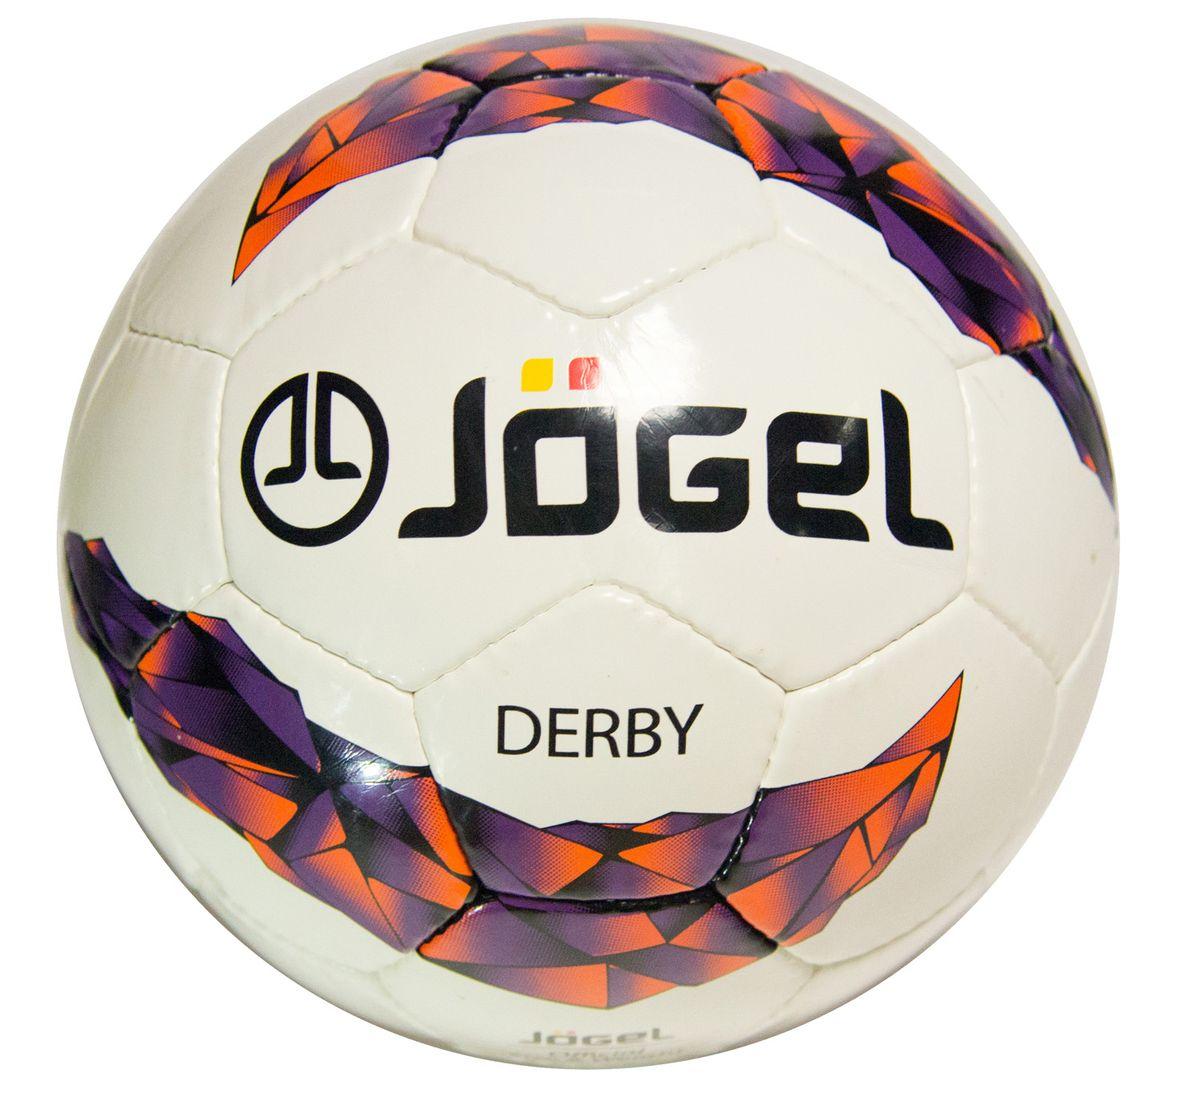 Мяч футбольный Jogel Derby, цвет: белый, оранжевый, черный. Размер 3. JS-500231_002Классический футбольный мяч серии Derby с прочной покрышкой из синтетической кожи, сшитой вручную. Камера выполнена из латекса. Мяч имеет отличные технические характеристики, которые соответствуют требованиям тренировочного процесса. Предусмотрено четыре подкладочных слоя из смеси хлопка с полиэстером. Мяч станет прекрасным выбором для тренировок и игр клубных и любительских команд. Вес: 310-350 гр.Длина окружности: 59-61 см.Рекомендованное давление: 0.6-0.8 бар.